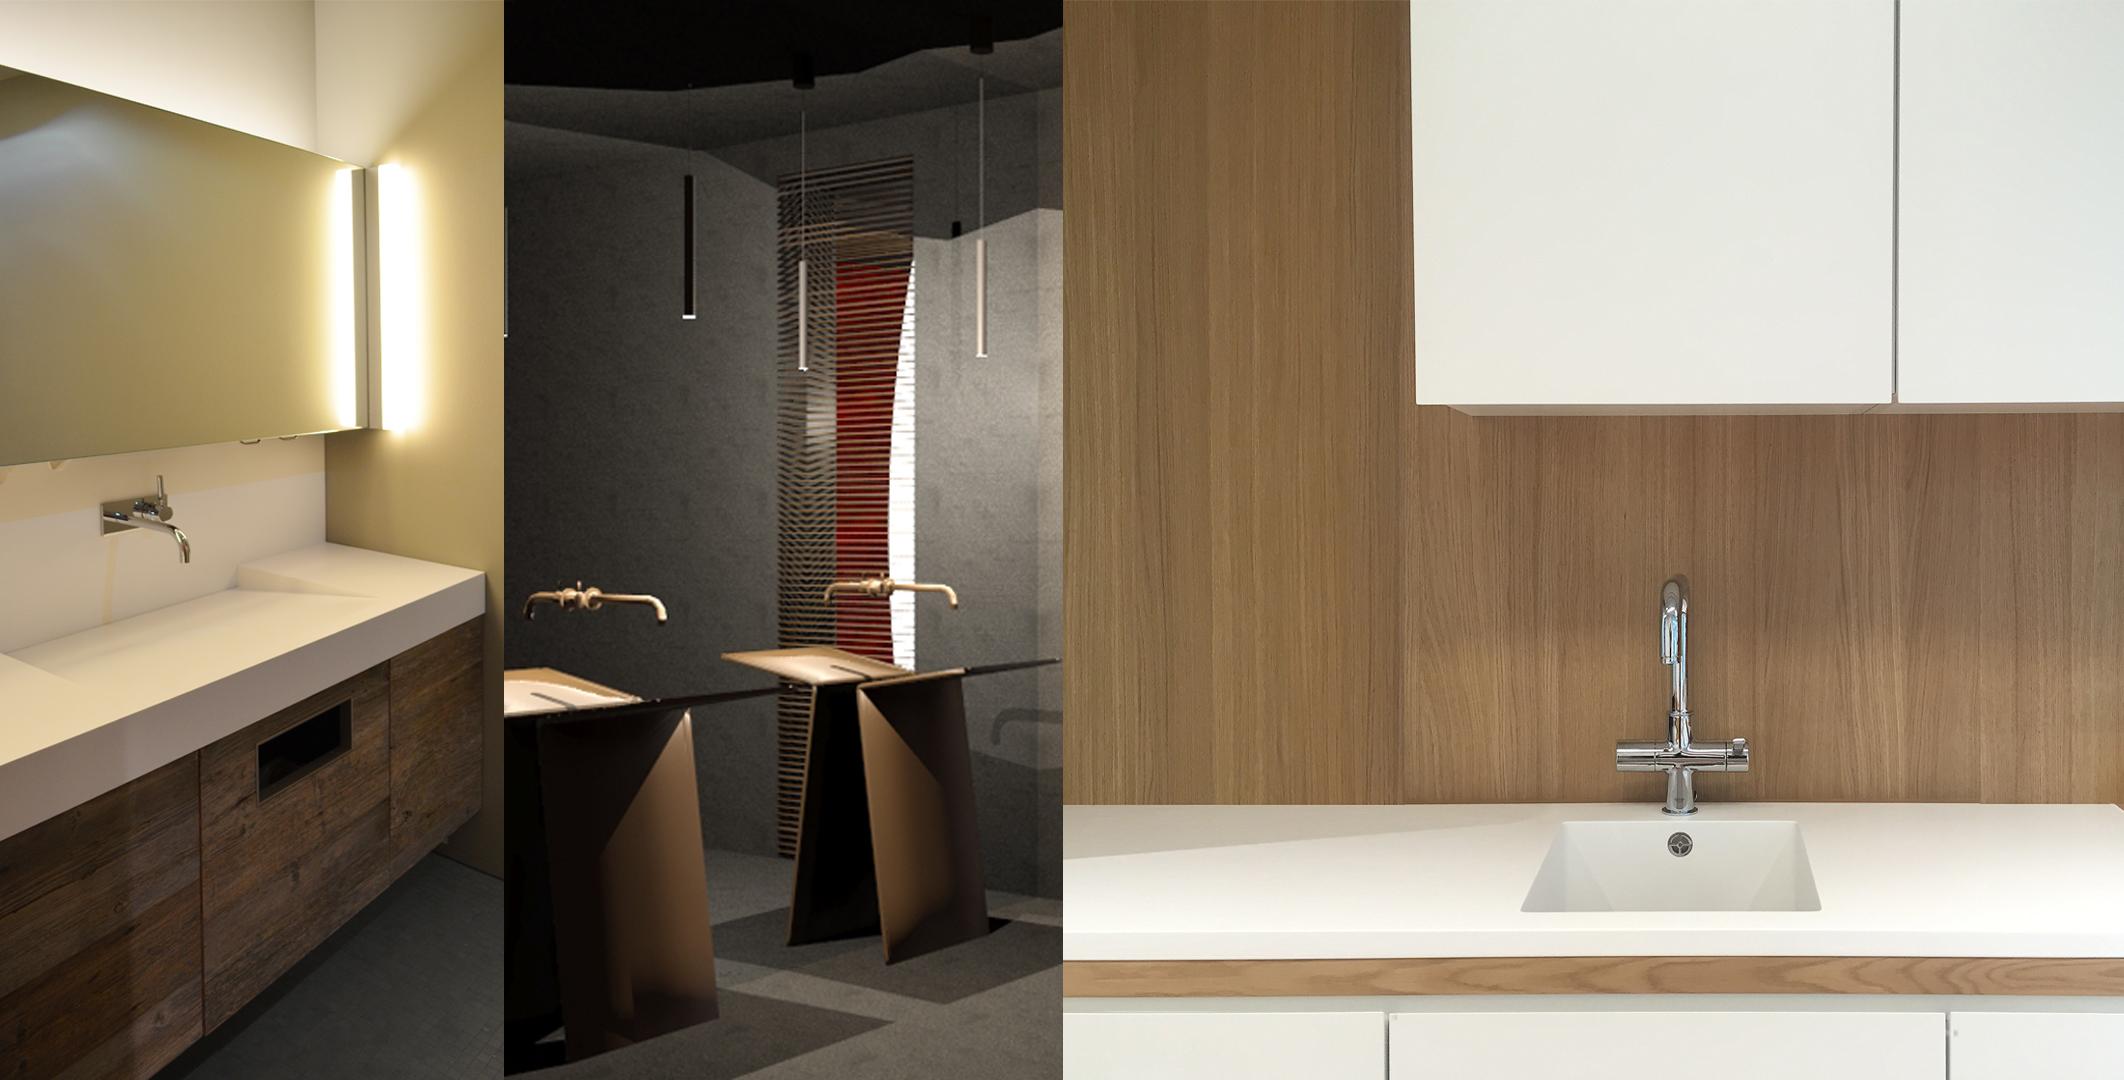 Produktdesign Möbel möbel und produktdesign ellwanger chabert architekten